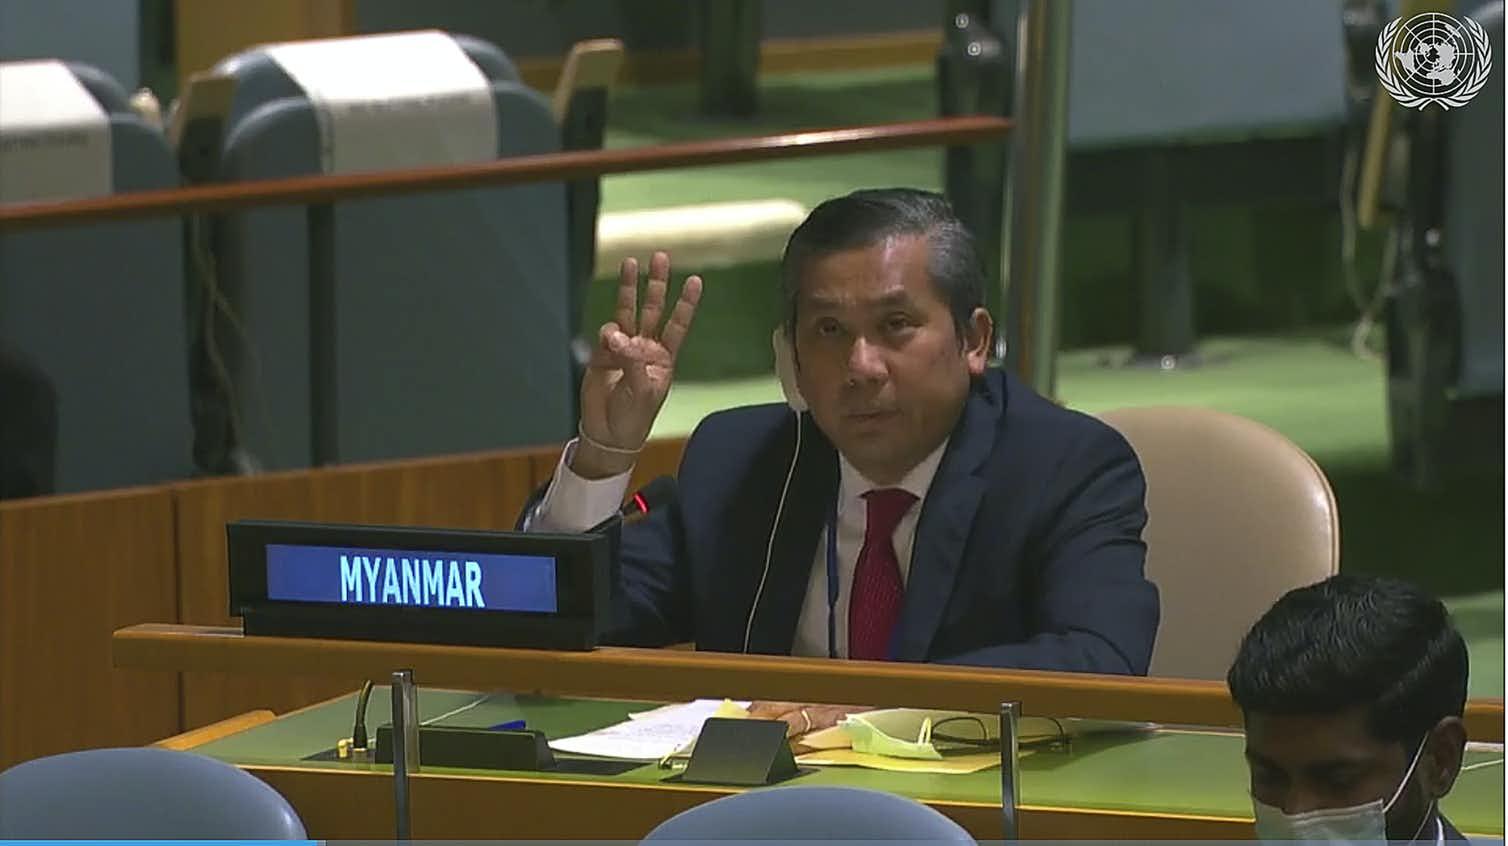 Kyaw Moe Tun, of Myanmar